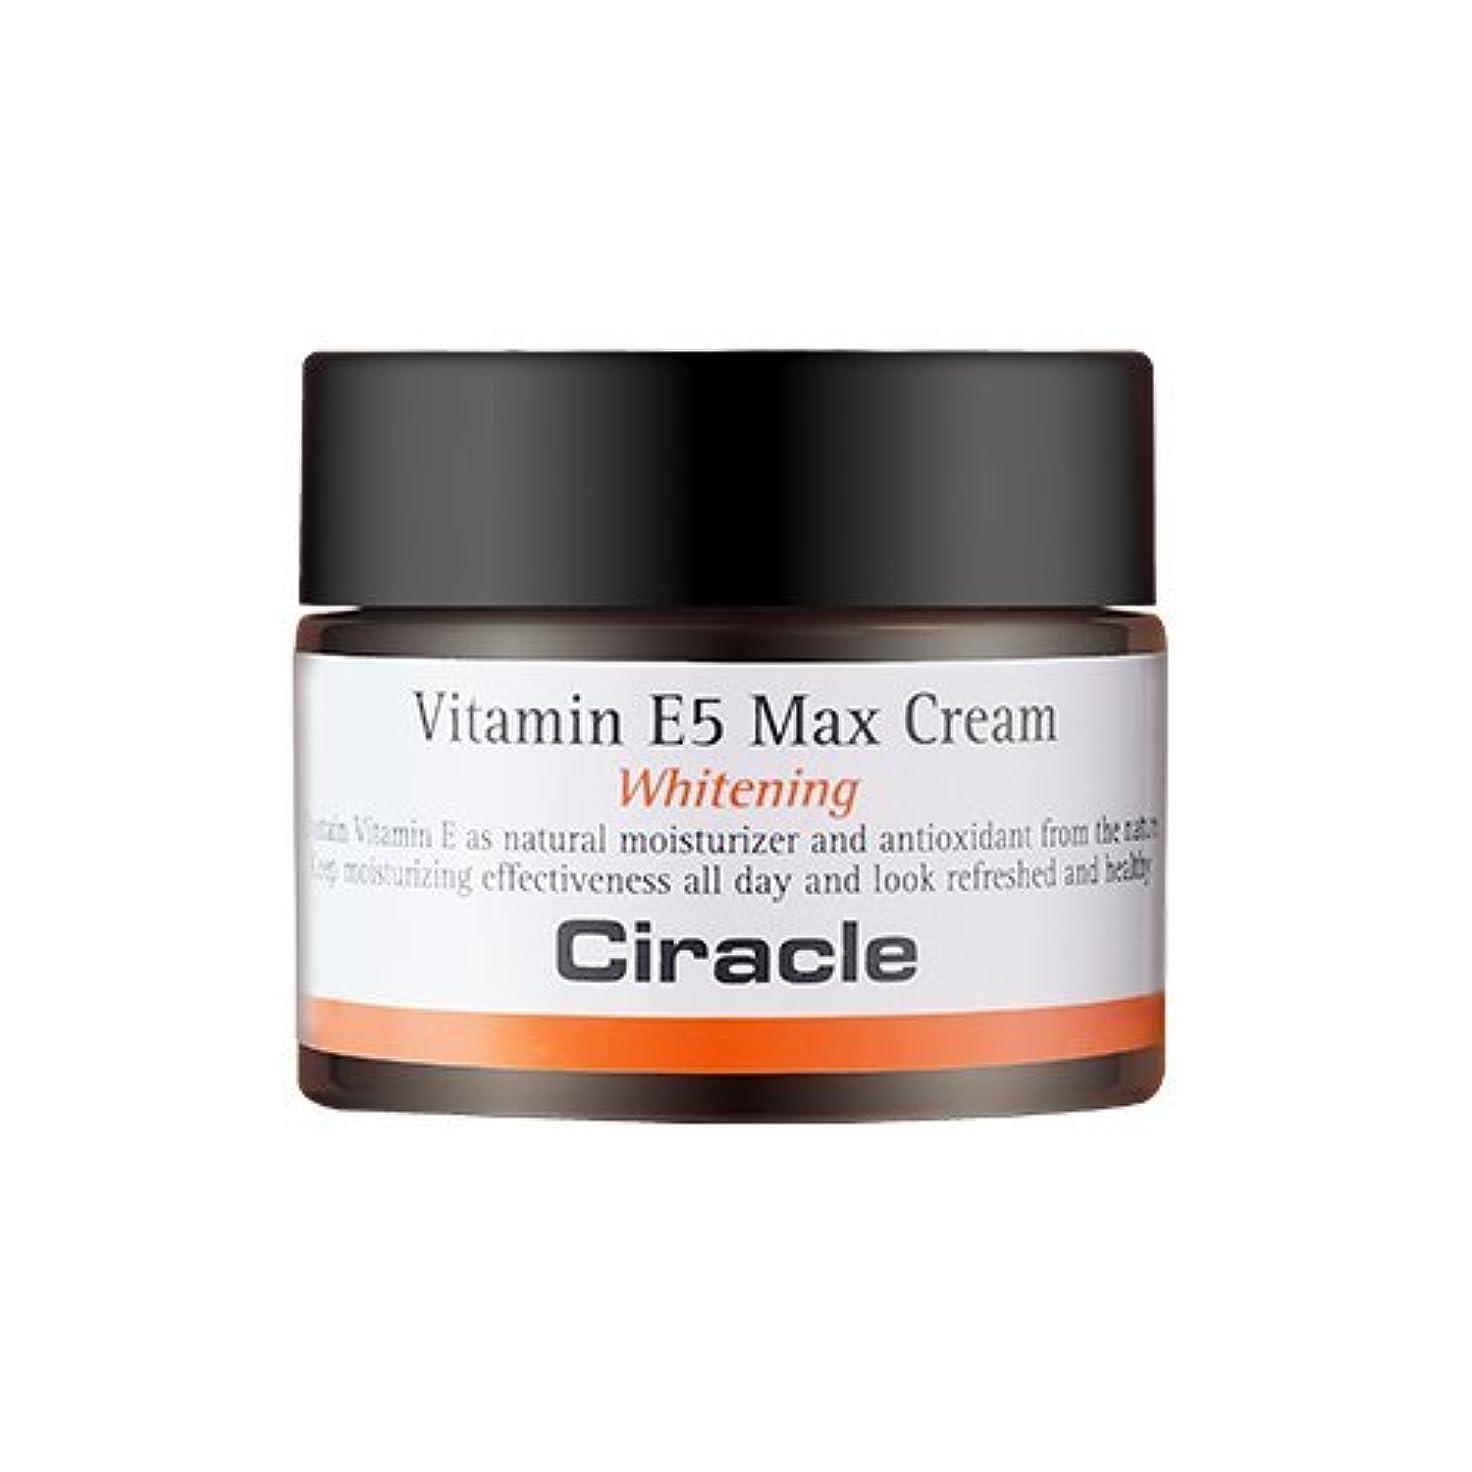 十代からかう十代の若者たちCiracle Vitamin E5 Max Cream シラクル ビタミンE5 マックス クリーム 50ml [並行輸入品]